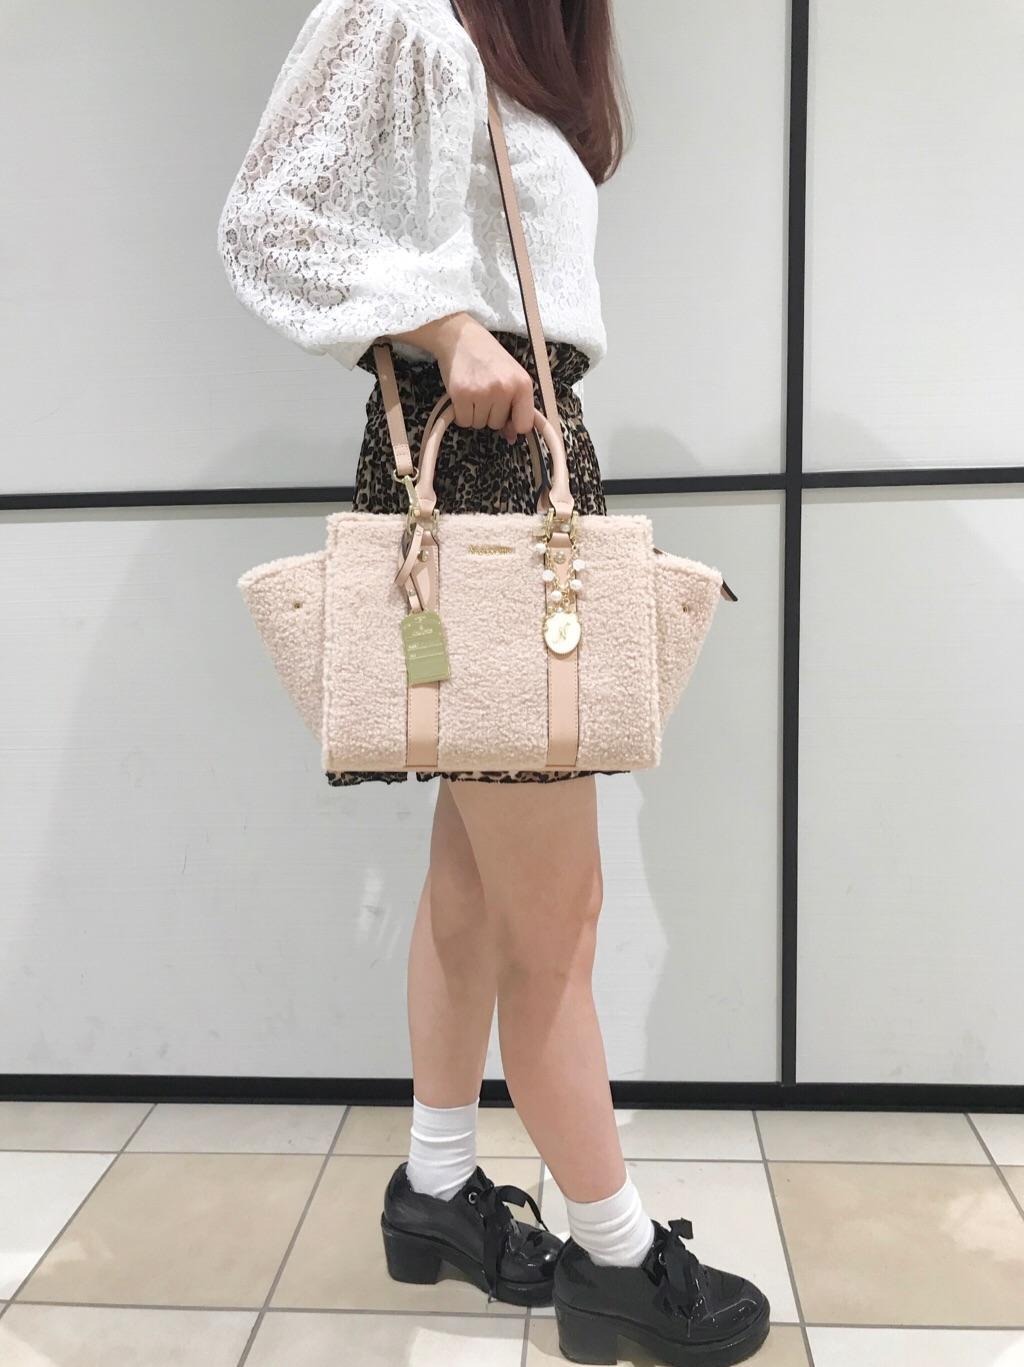 &シュエットギャラリーららぽーと立川立飛店 竹内瑠菜